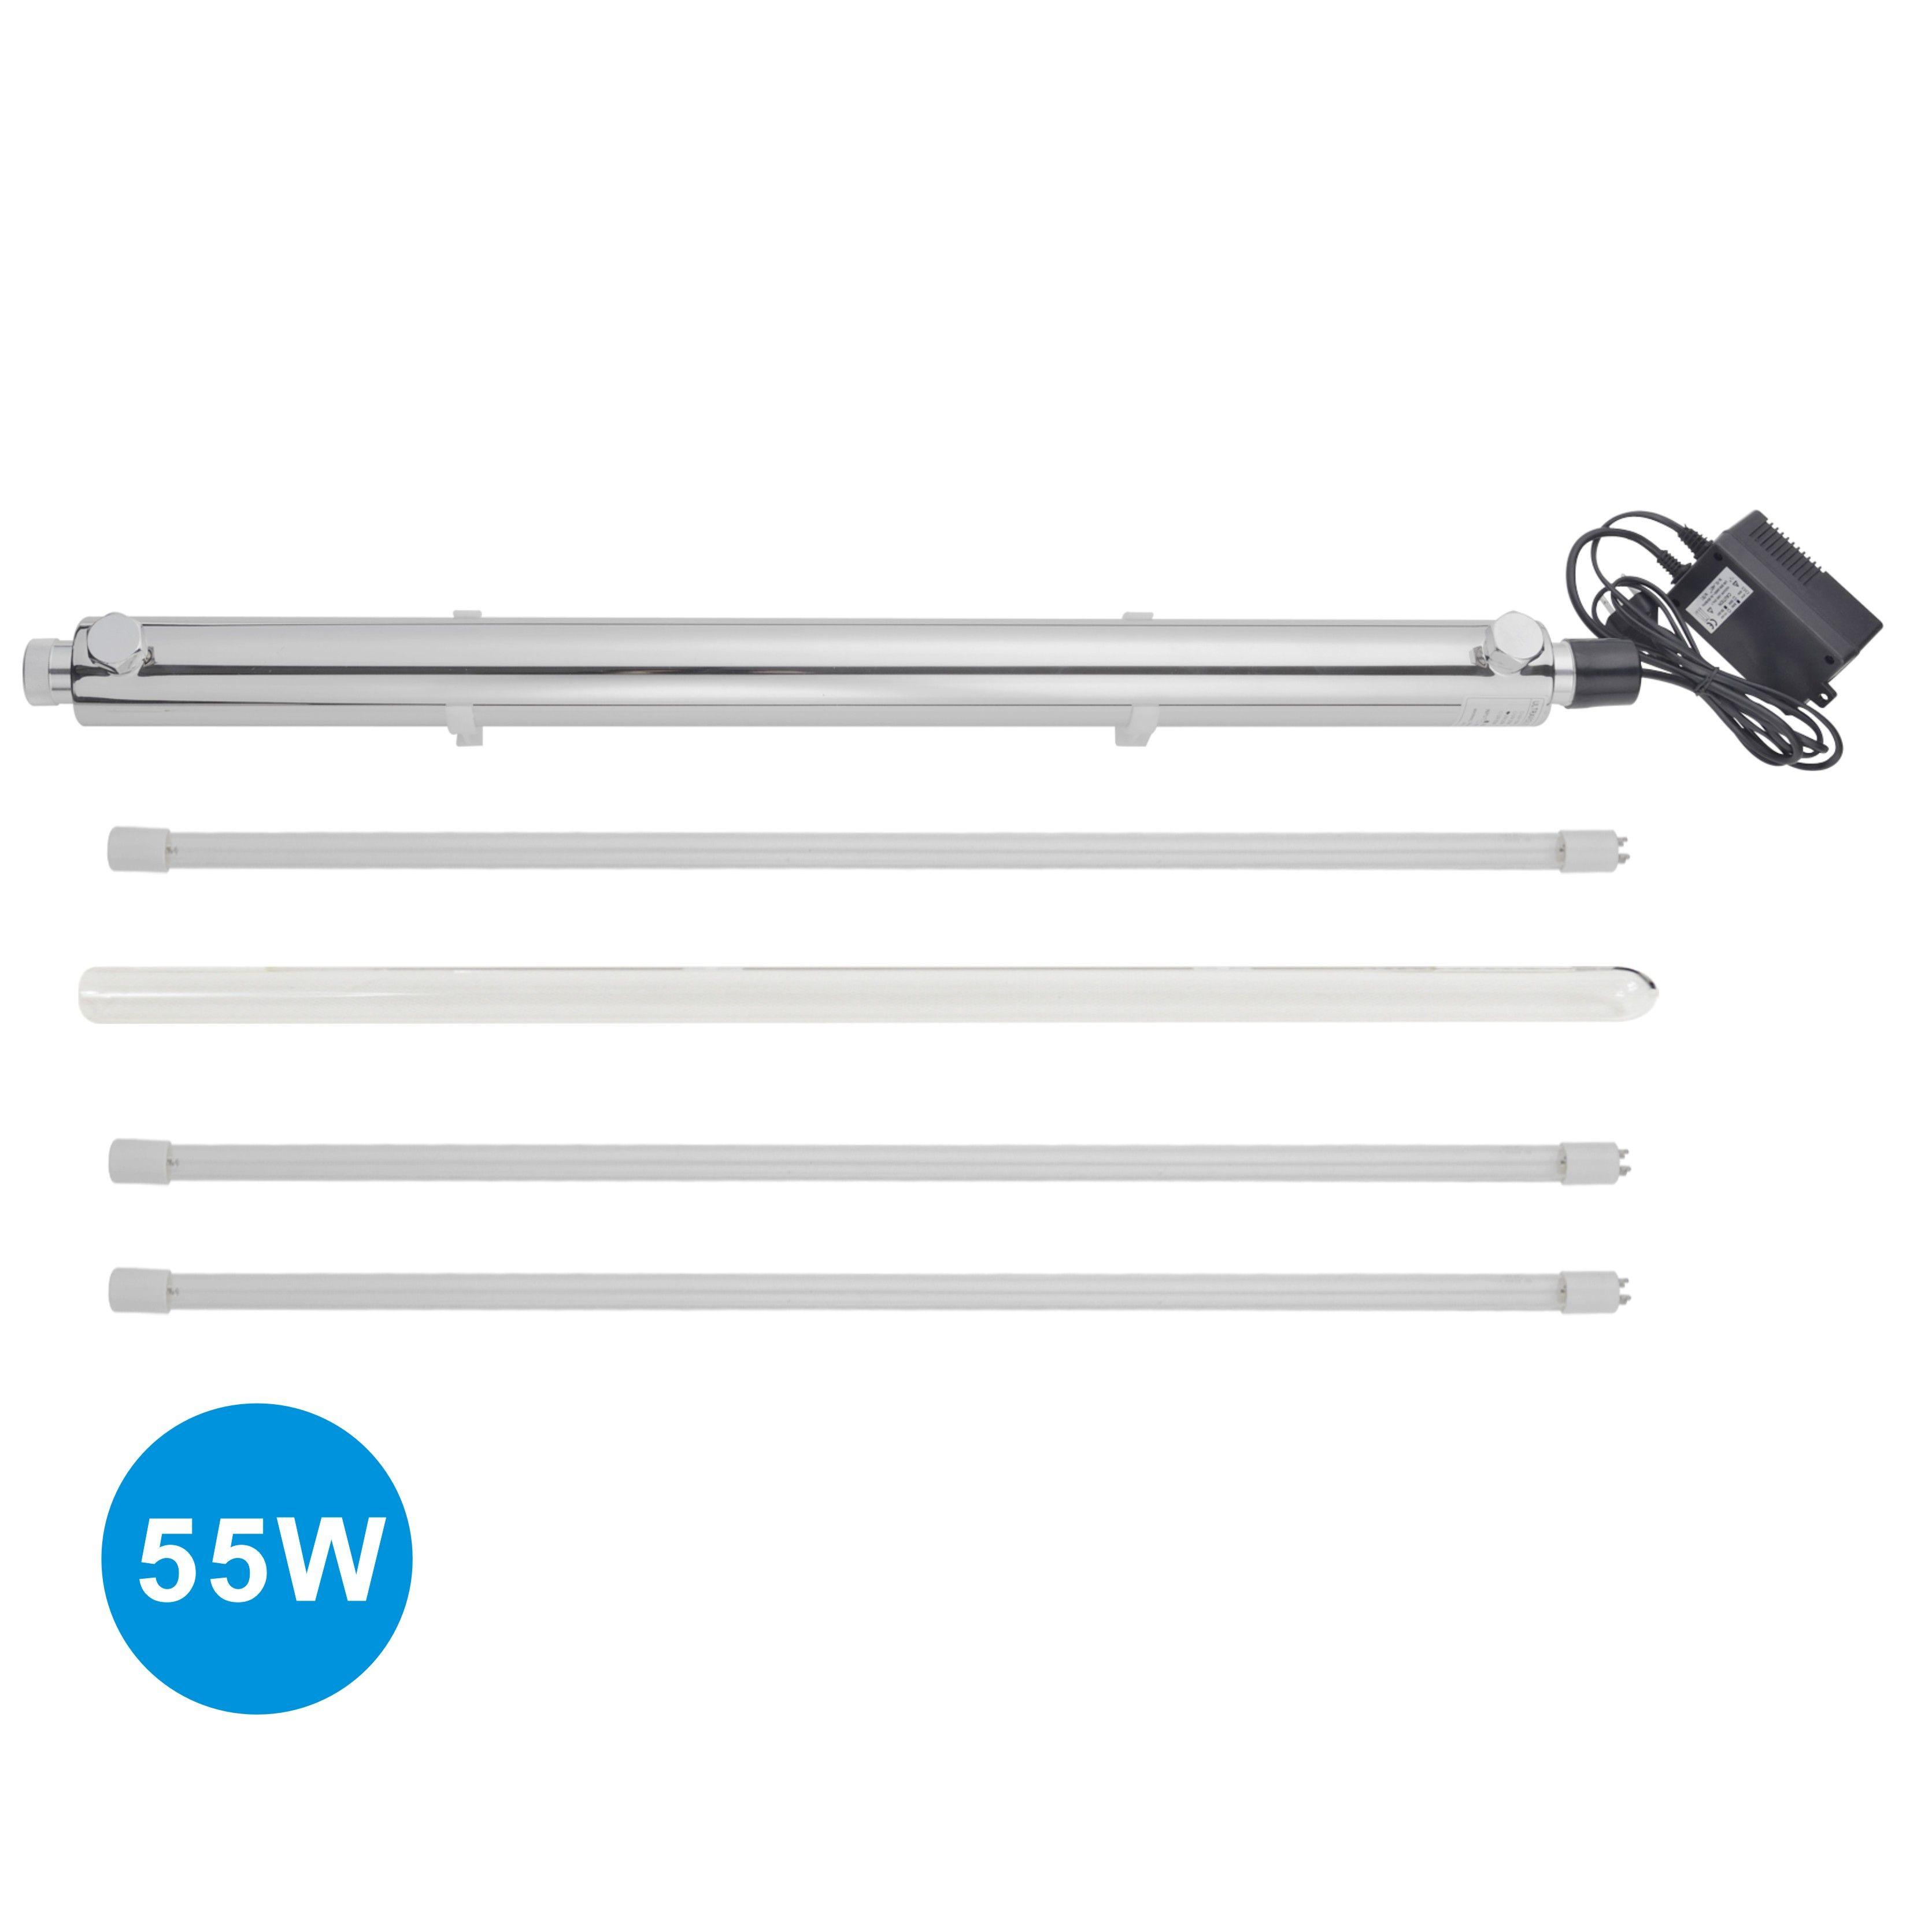 55 W Uv Sterilisator Ganze Haus Wasser Reinigung-12GPM plus 2 stücke extra UV birne, power 200-240 V, Europa Zwei Pin Stecker